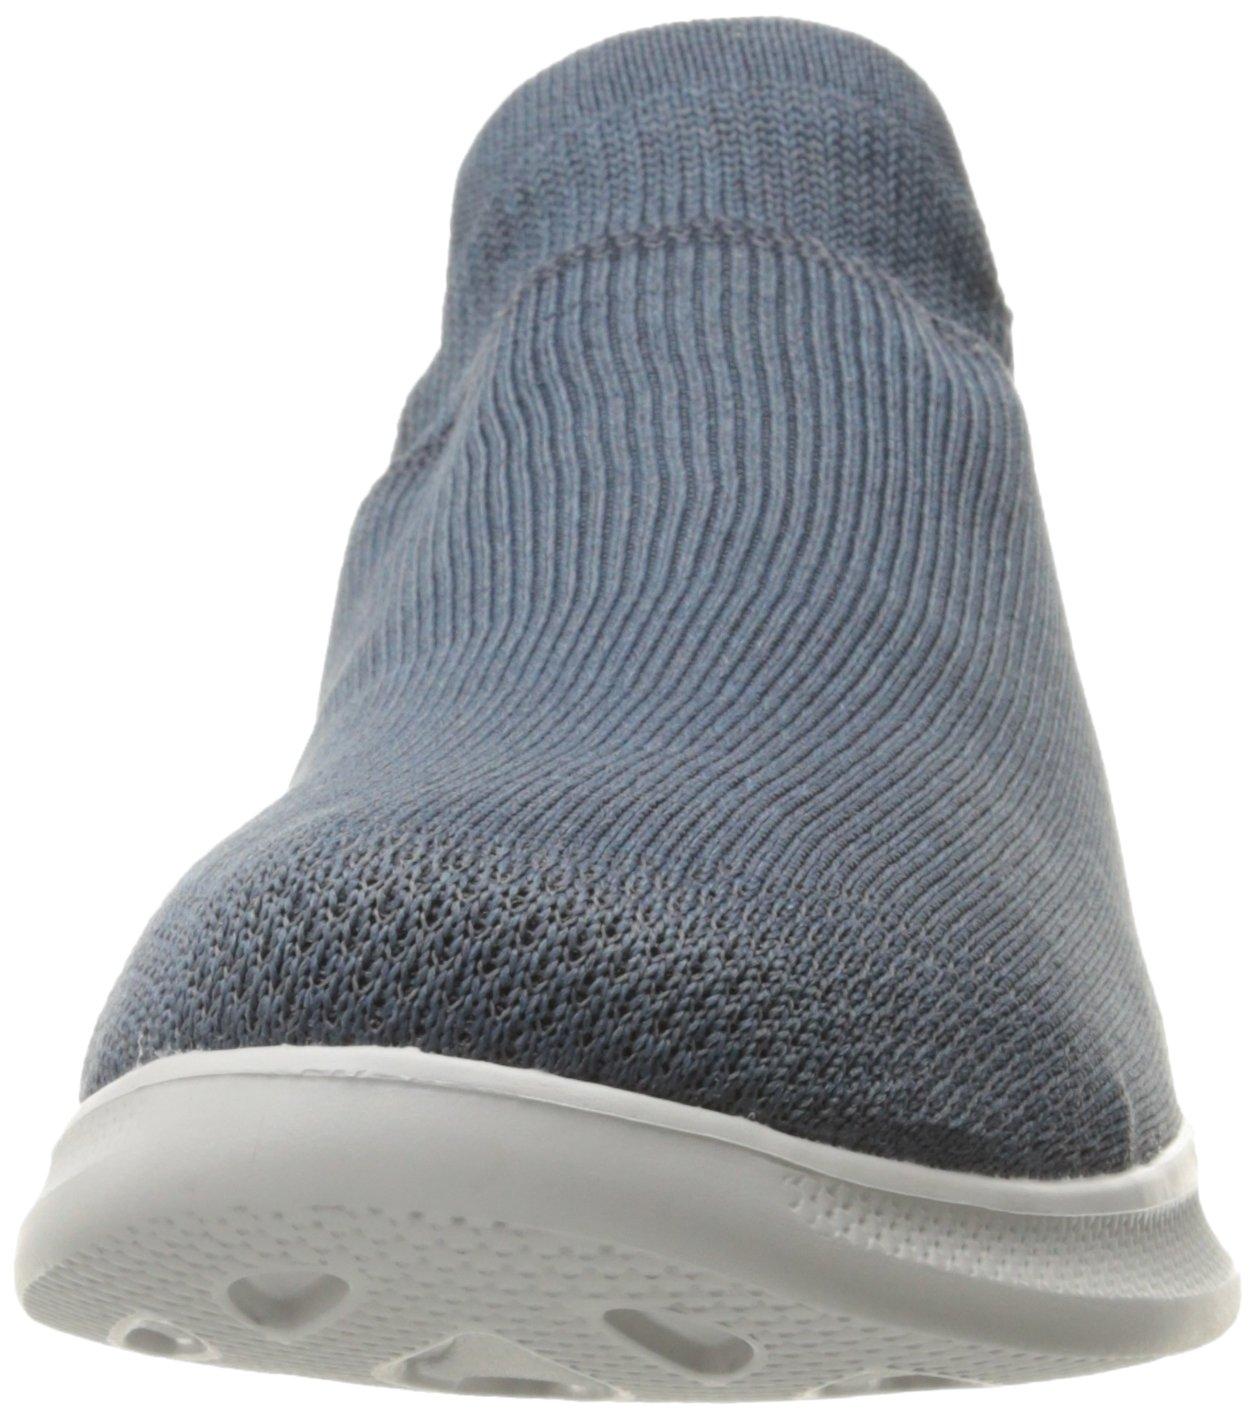 Skechers Performance Women's Go Step Lite Ultrasock Walking Shoe B01N0XWDL4 8.5 B(M) US|Blue/Navy